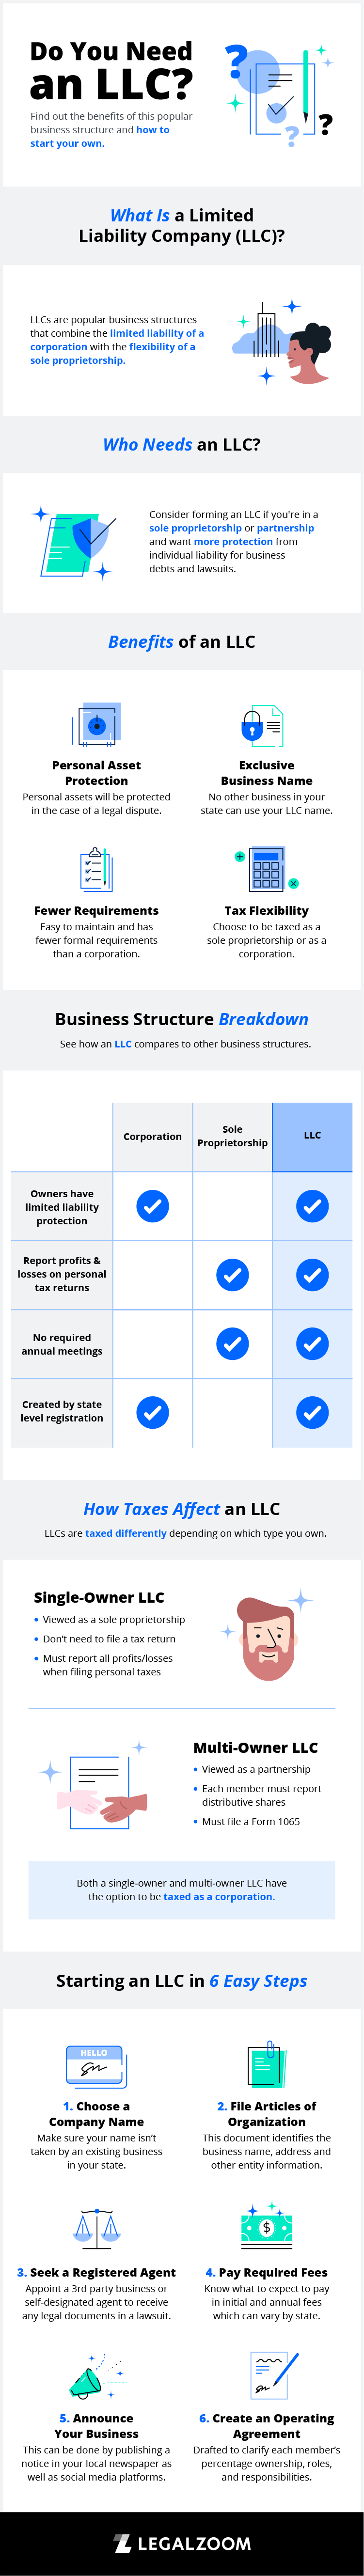 What Is An LLC?